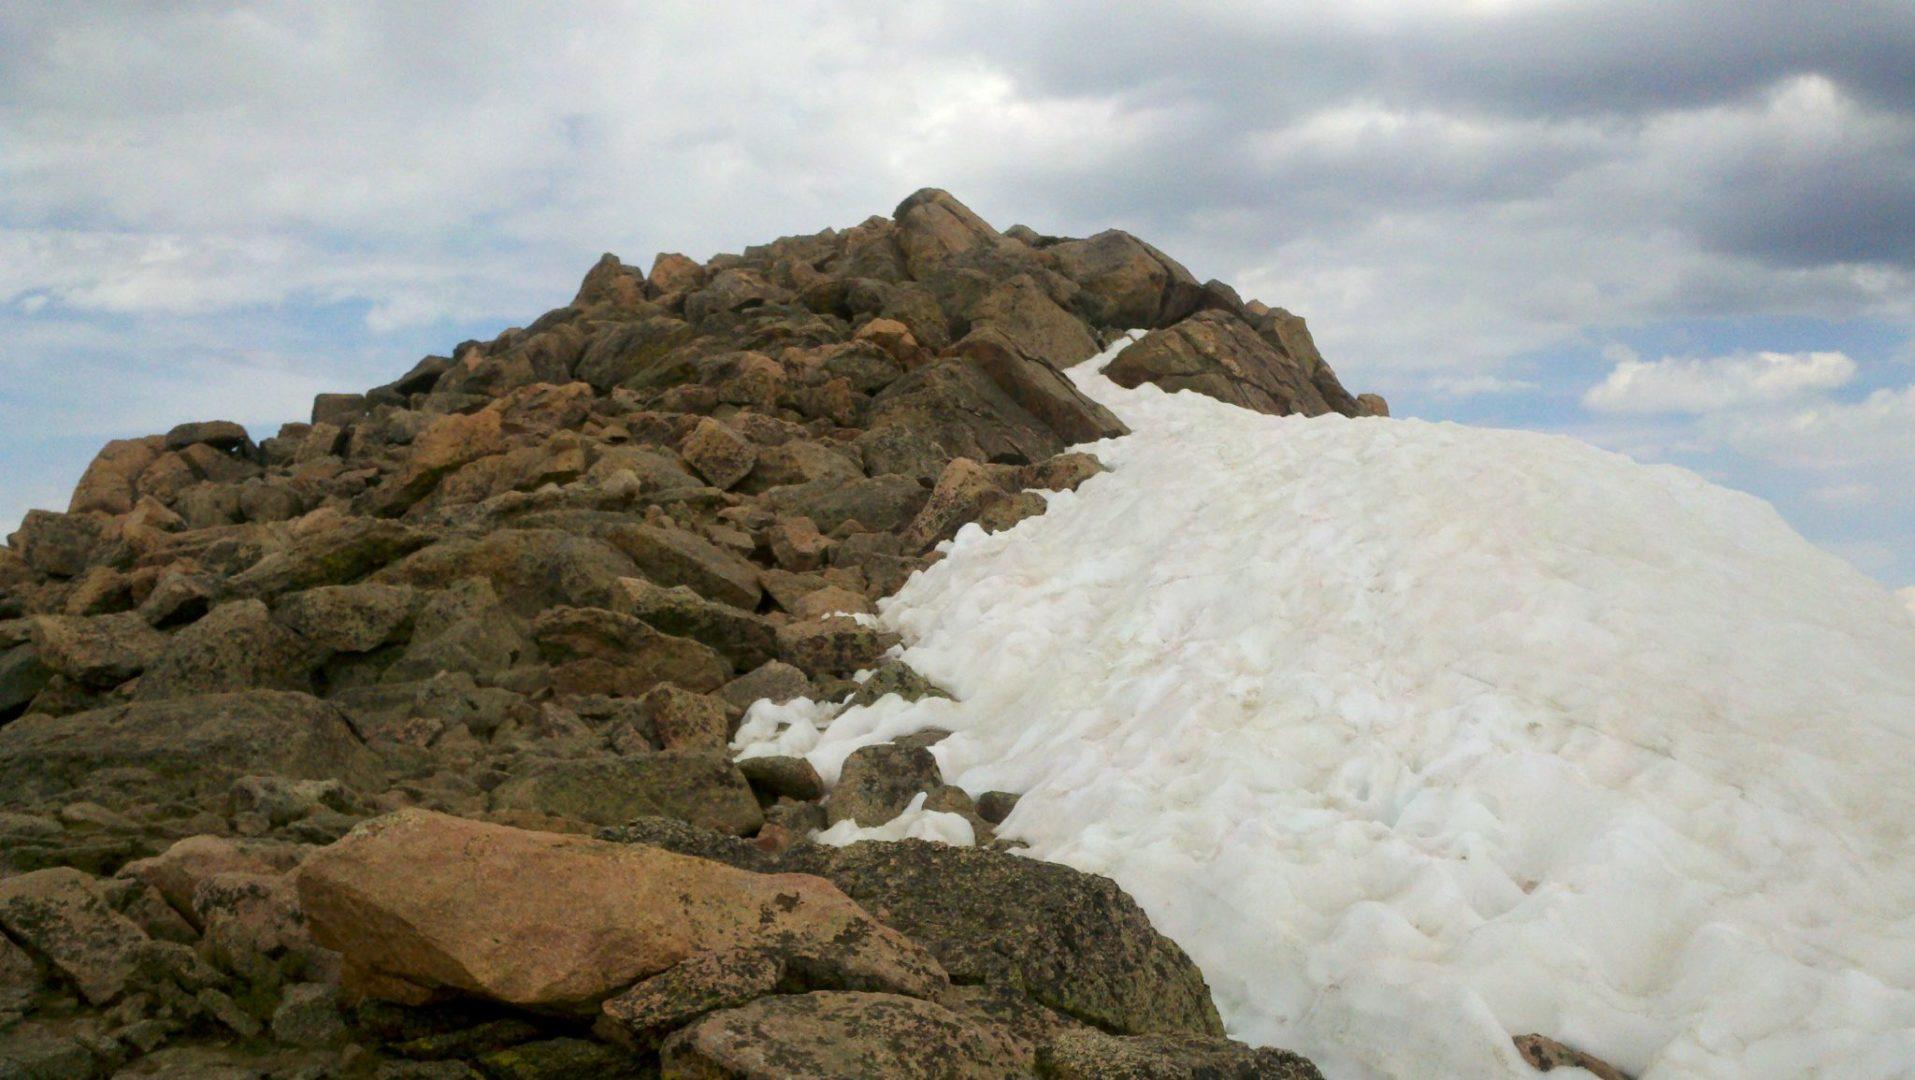 Mt Bierstadt summit